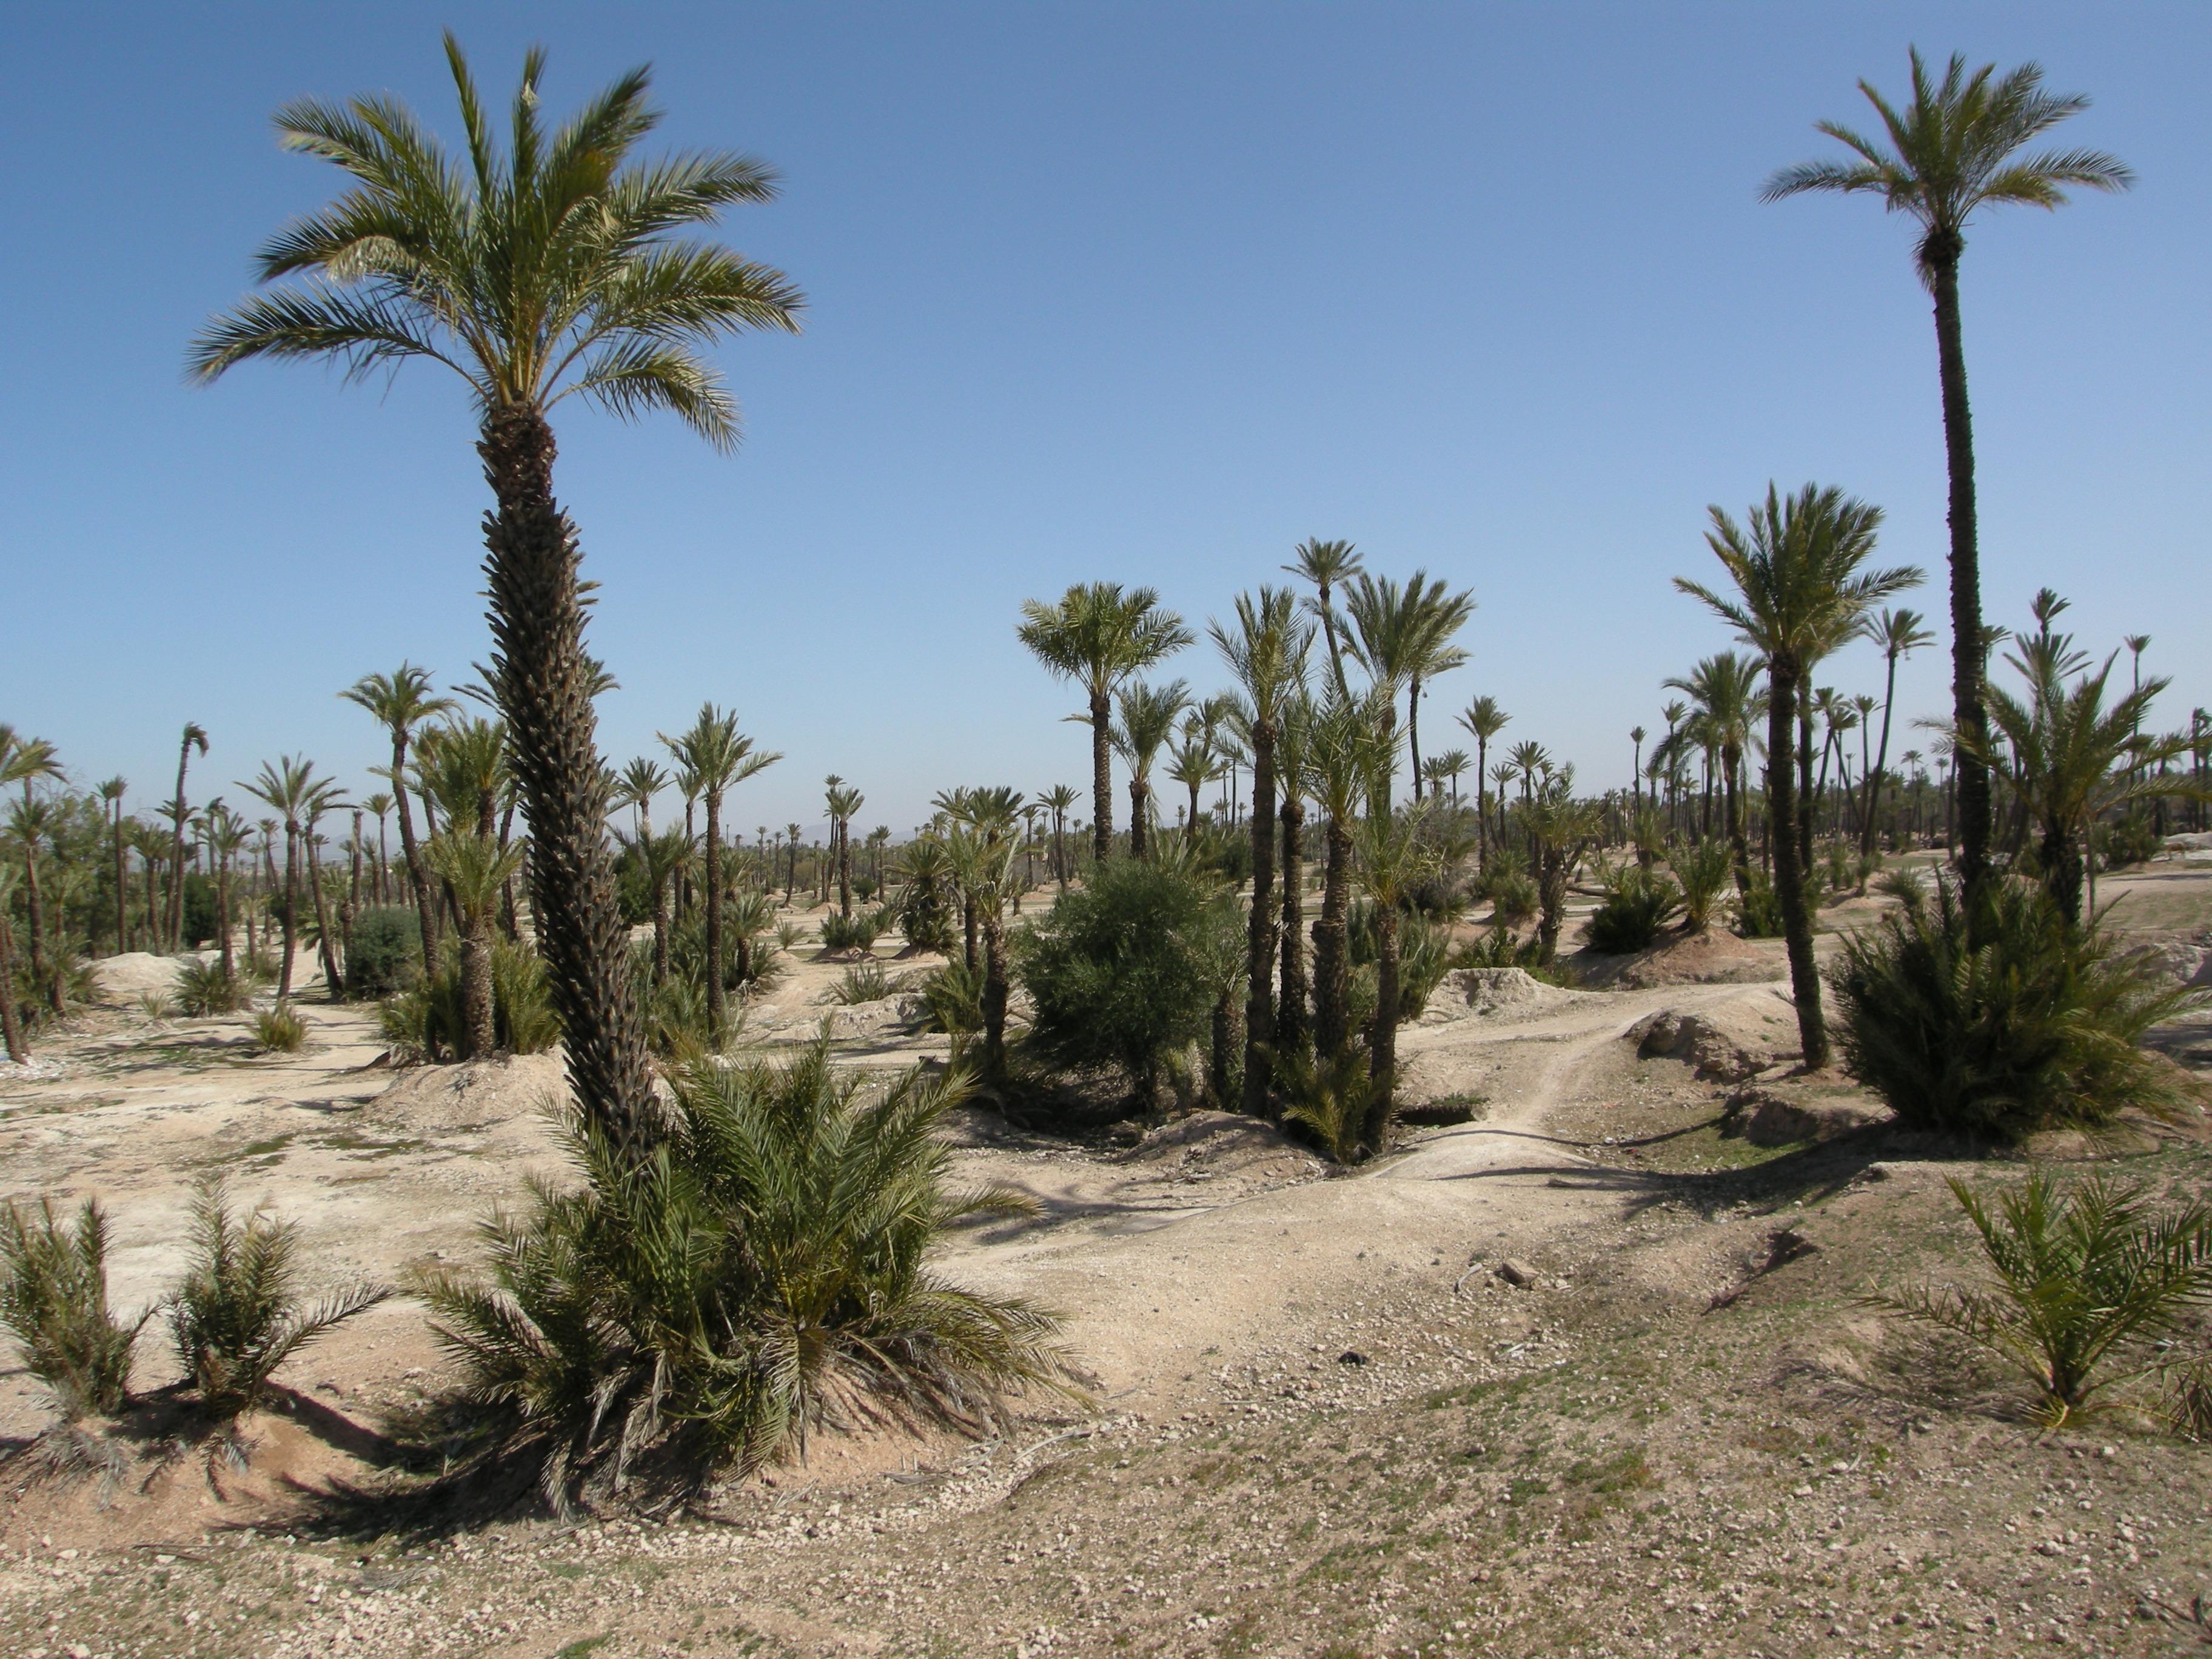 Palmeraie de Marrakech — Wikipédia